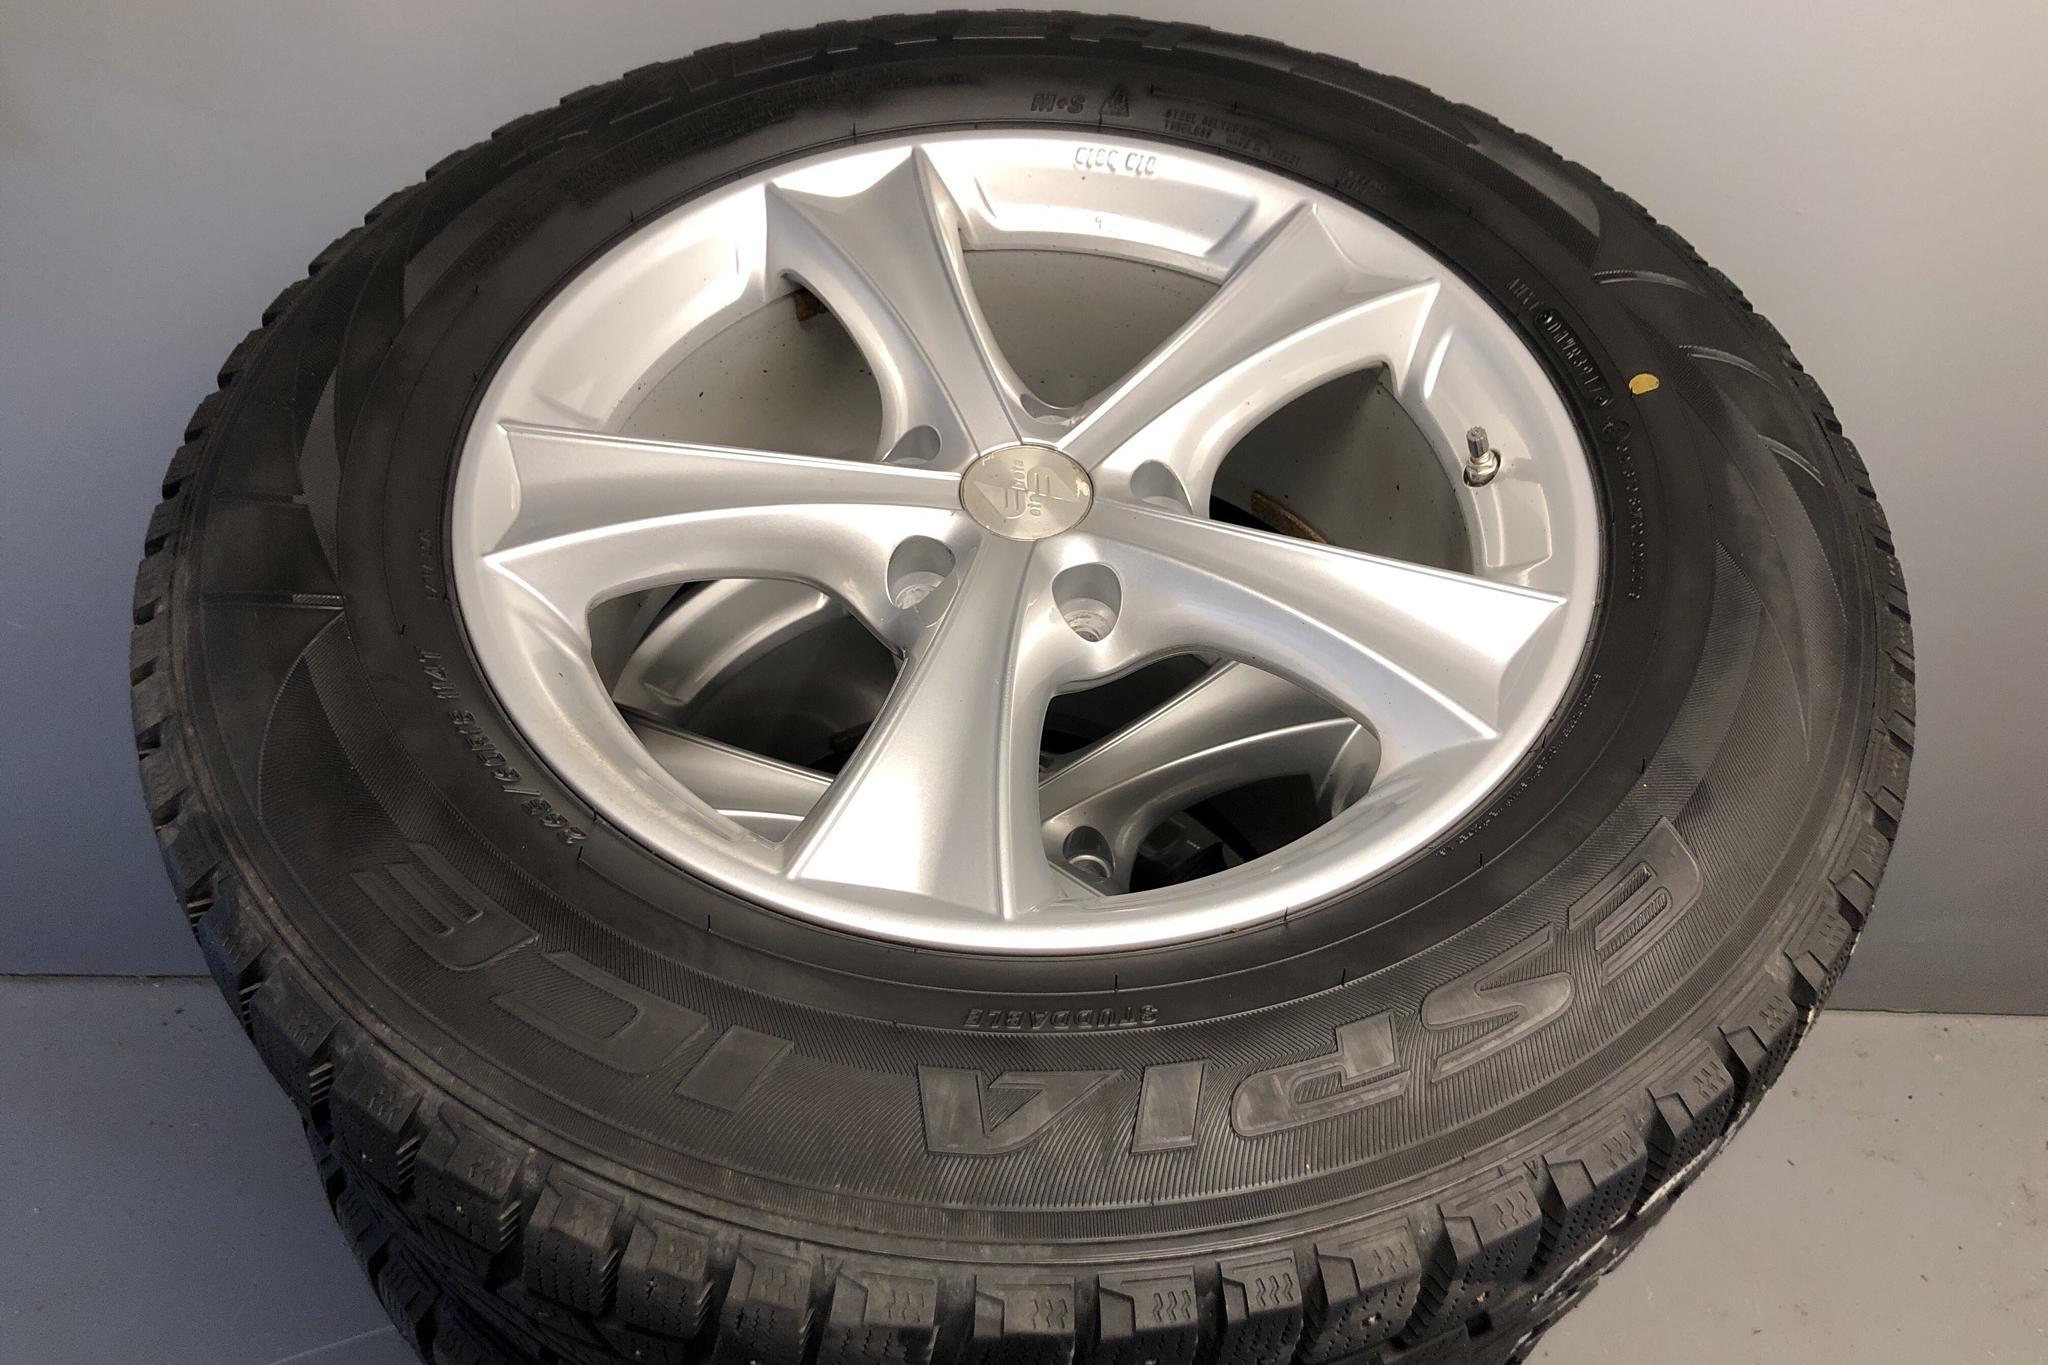 Jeep Grand Cherokee 3.6 V6 AWD (286hk) - 6 529 mil - Automat - röd - 2018